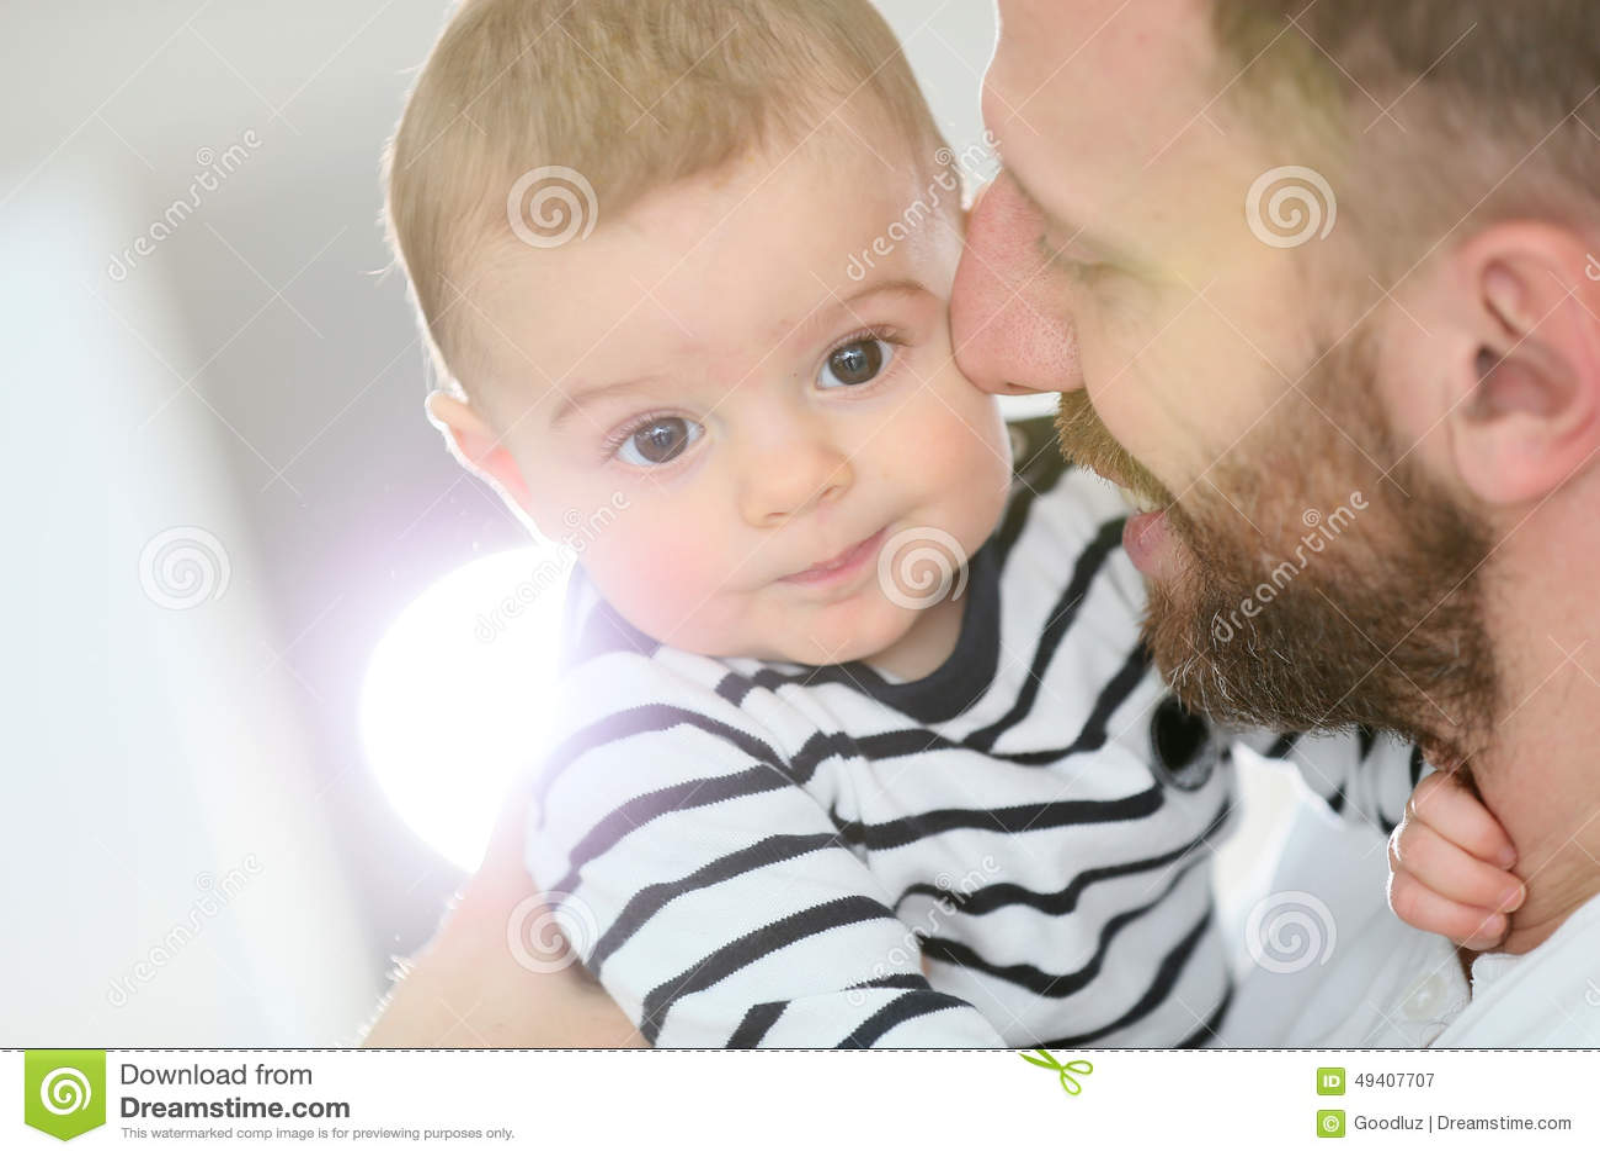 Download Babysohn In Den Armen Seines Streichelnden Vaters Stockbild - Bild von lustig, adorable: 49407707